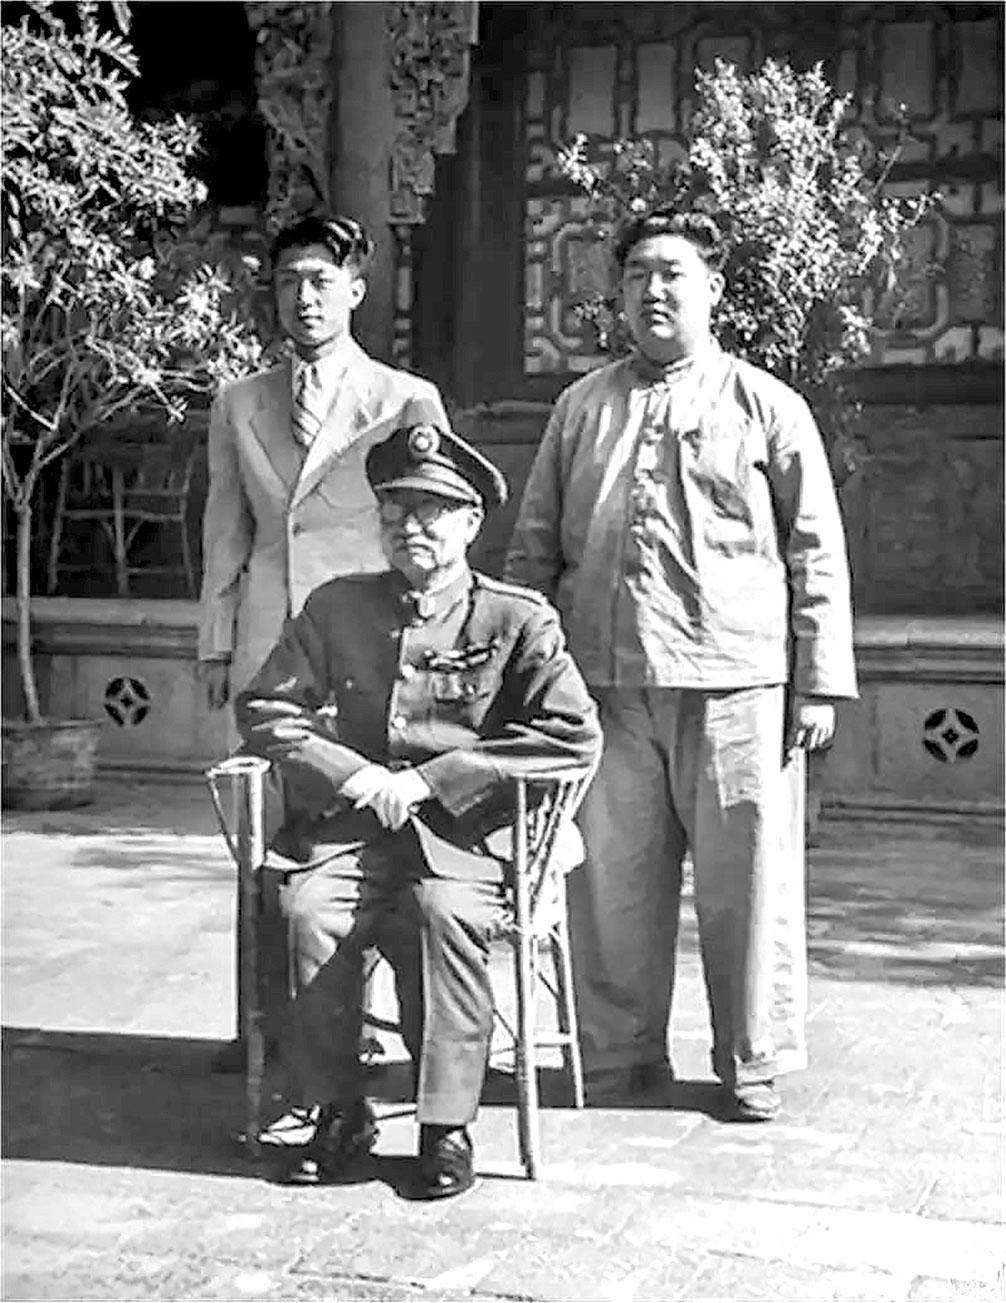 閻錫山 1948 年在辦公室的留影,時任太原綏靖公署主任兼山西省政府主席。(公有領域)